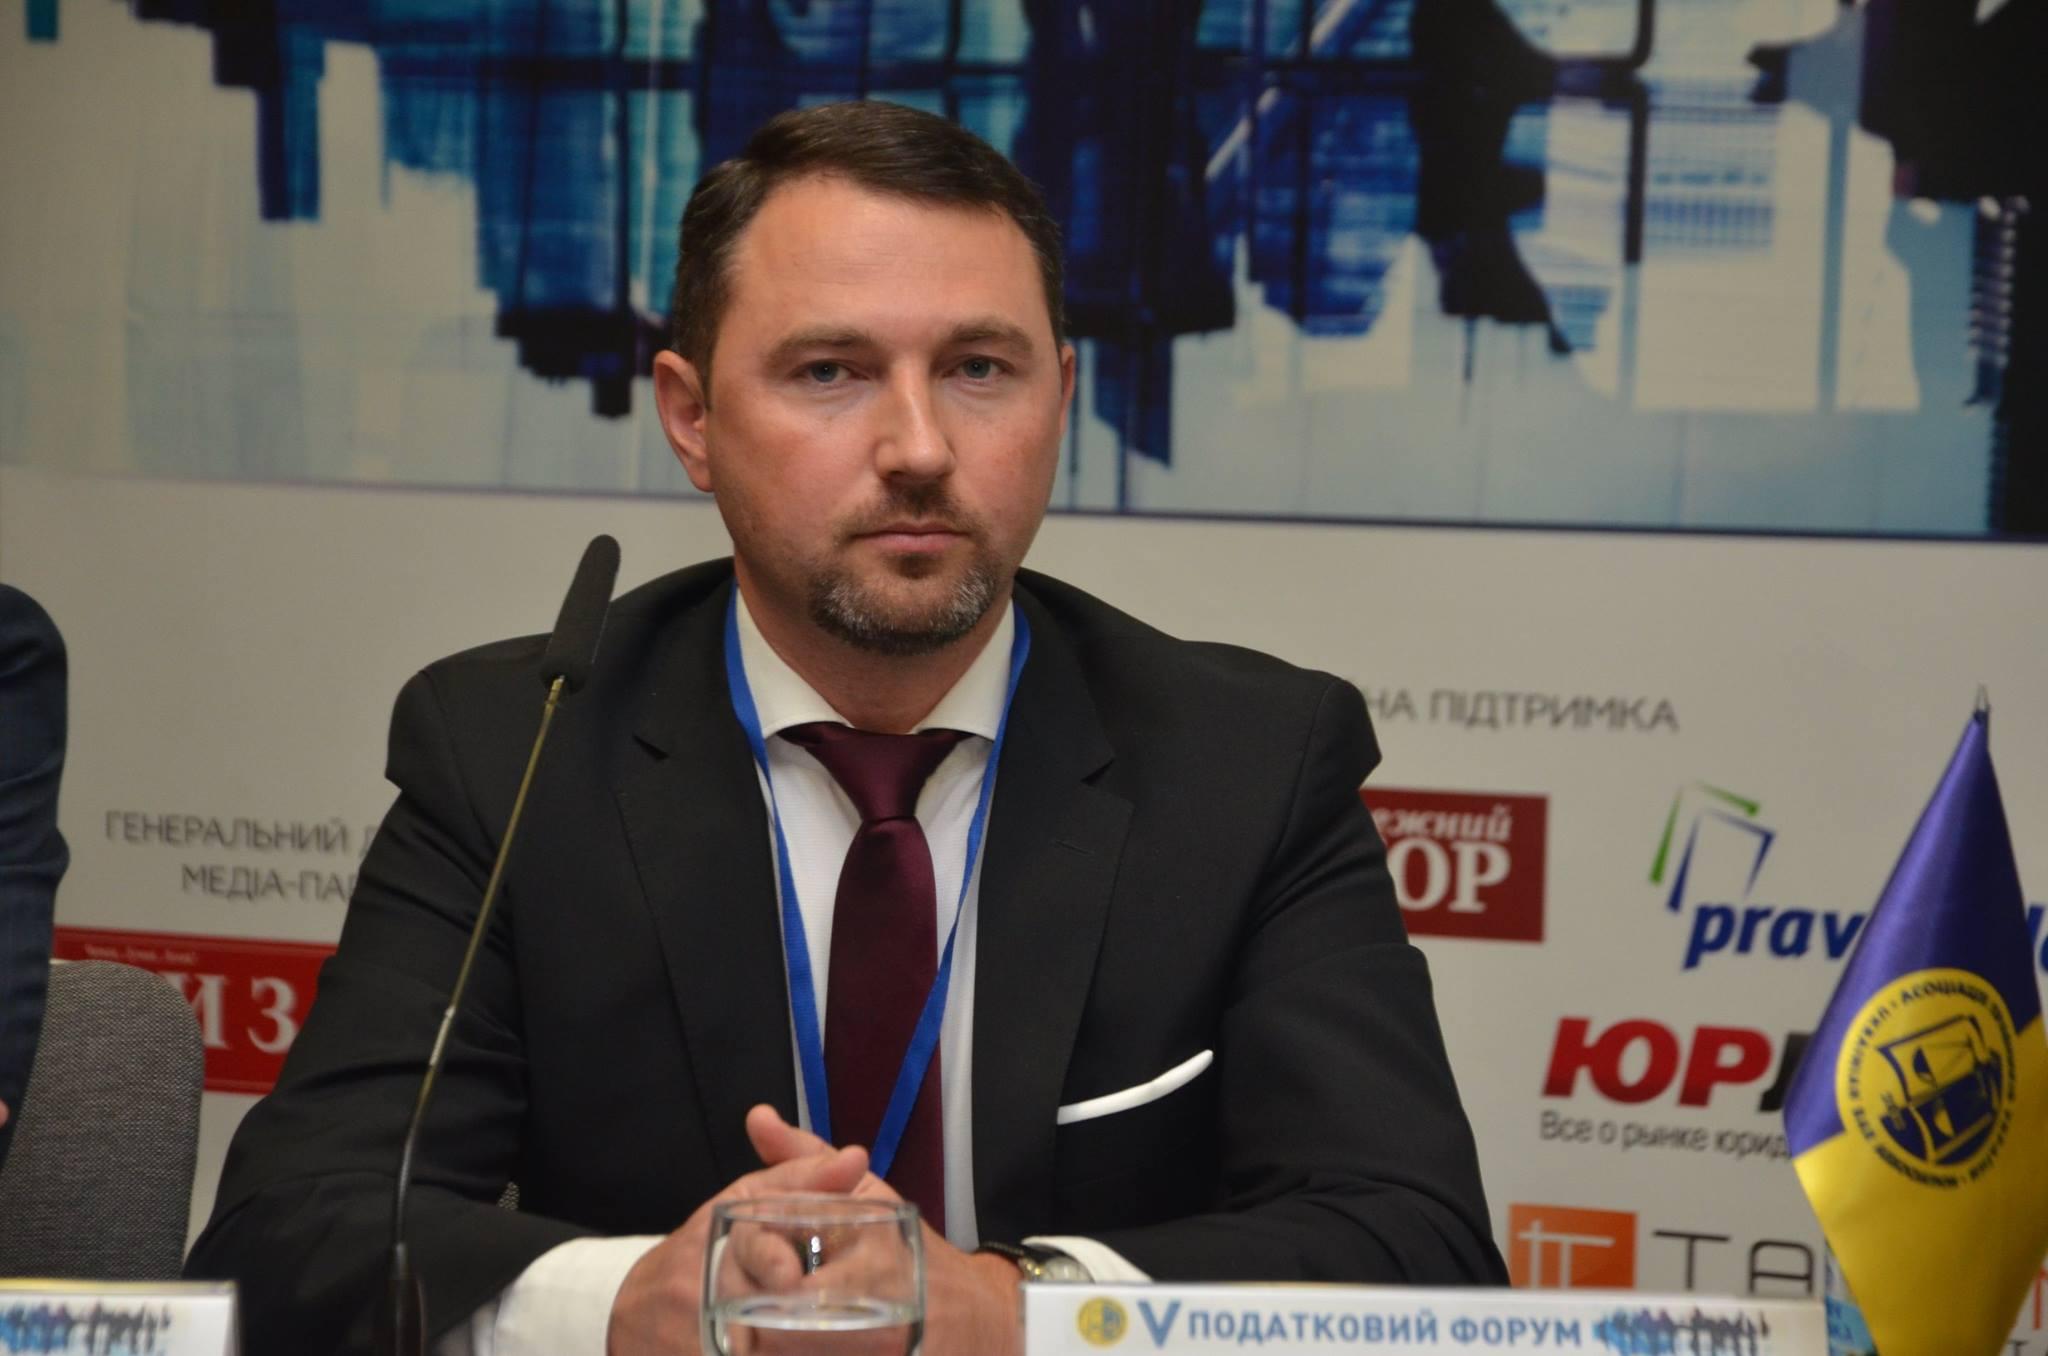 Олег Вдовичен виступив модератором сесії з аналізу практики застосування податкового законодавства V Податкового форуму АПУ